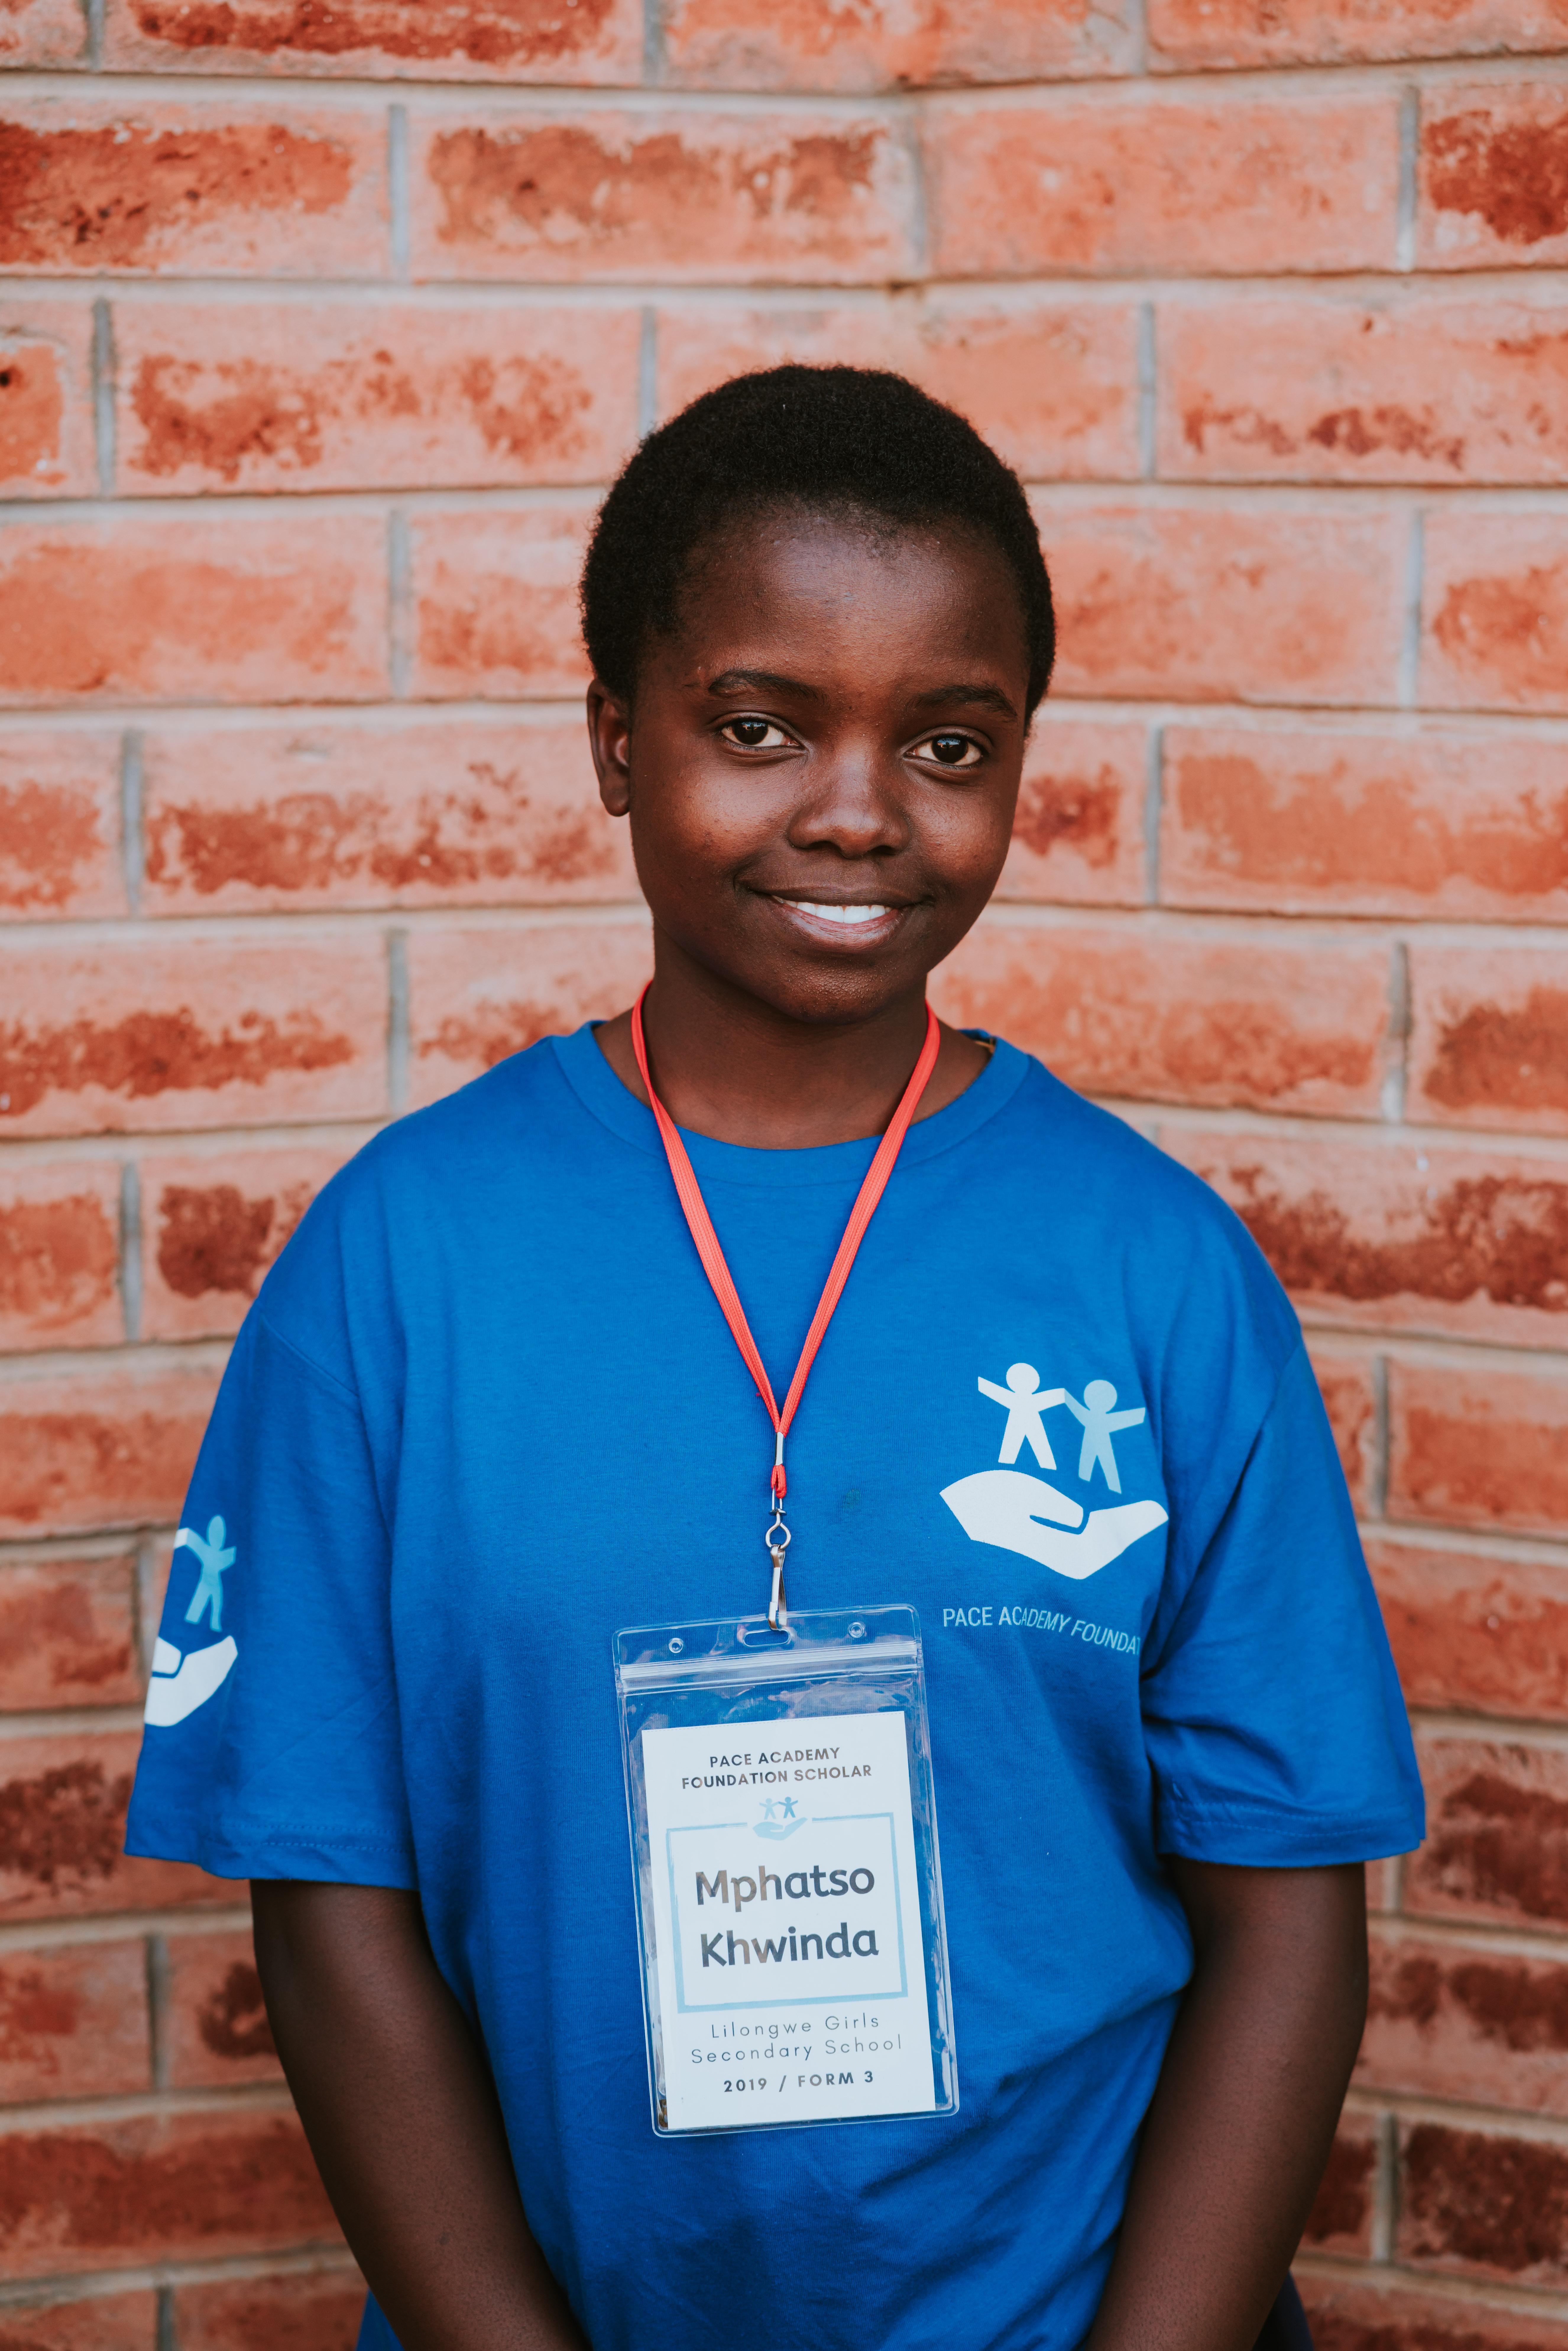 Mphatso Khwinda (Lilongwe Girls Secondar